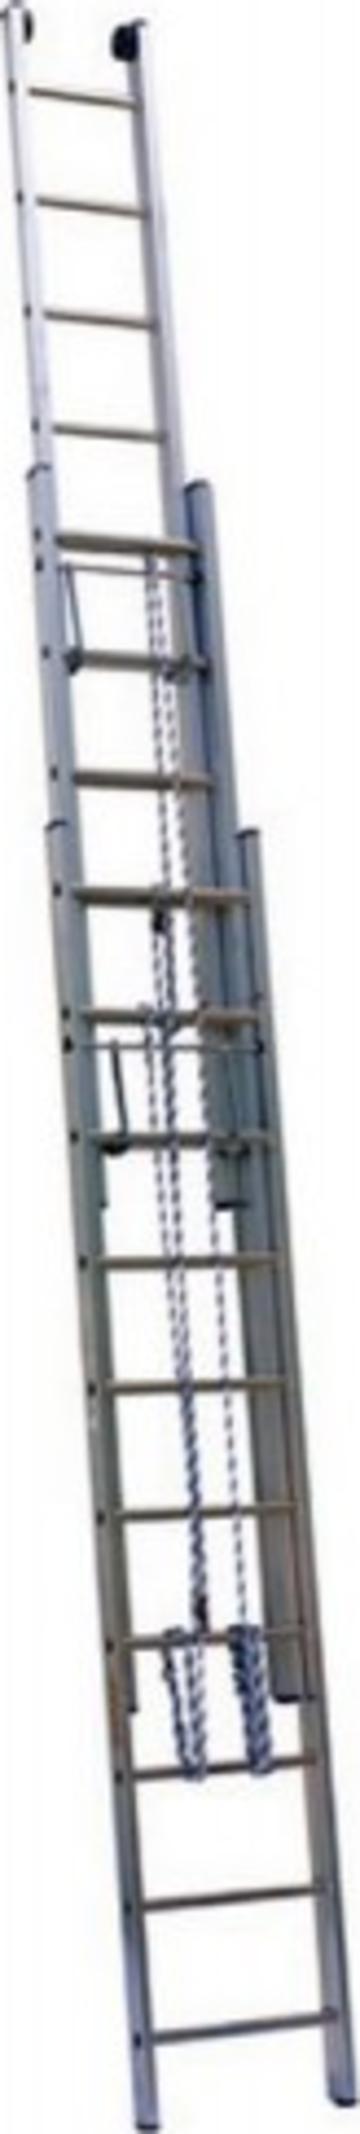 Лестница Лестница выдвижная трехсекционная АЛЮМЕТ 3317 3х17 с тросом